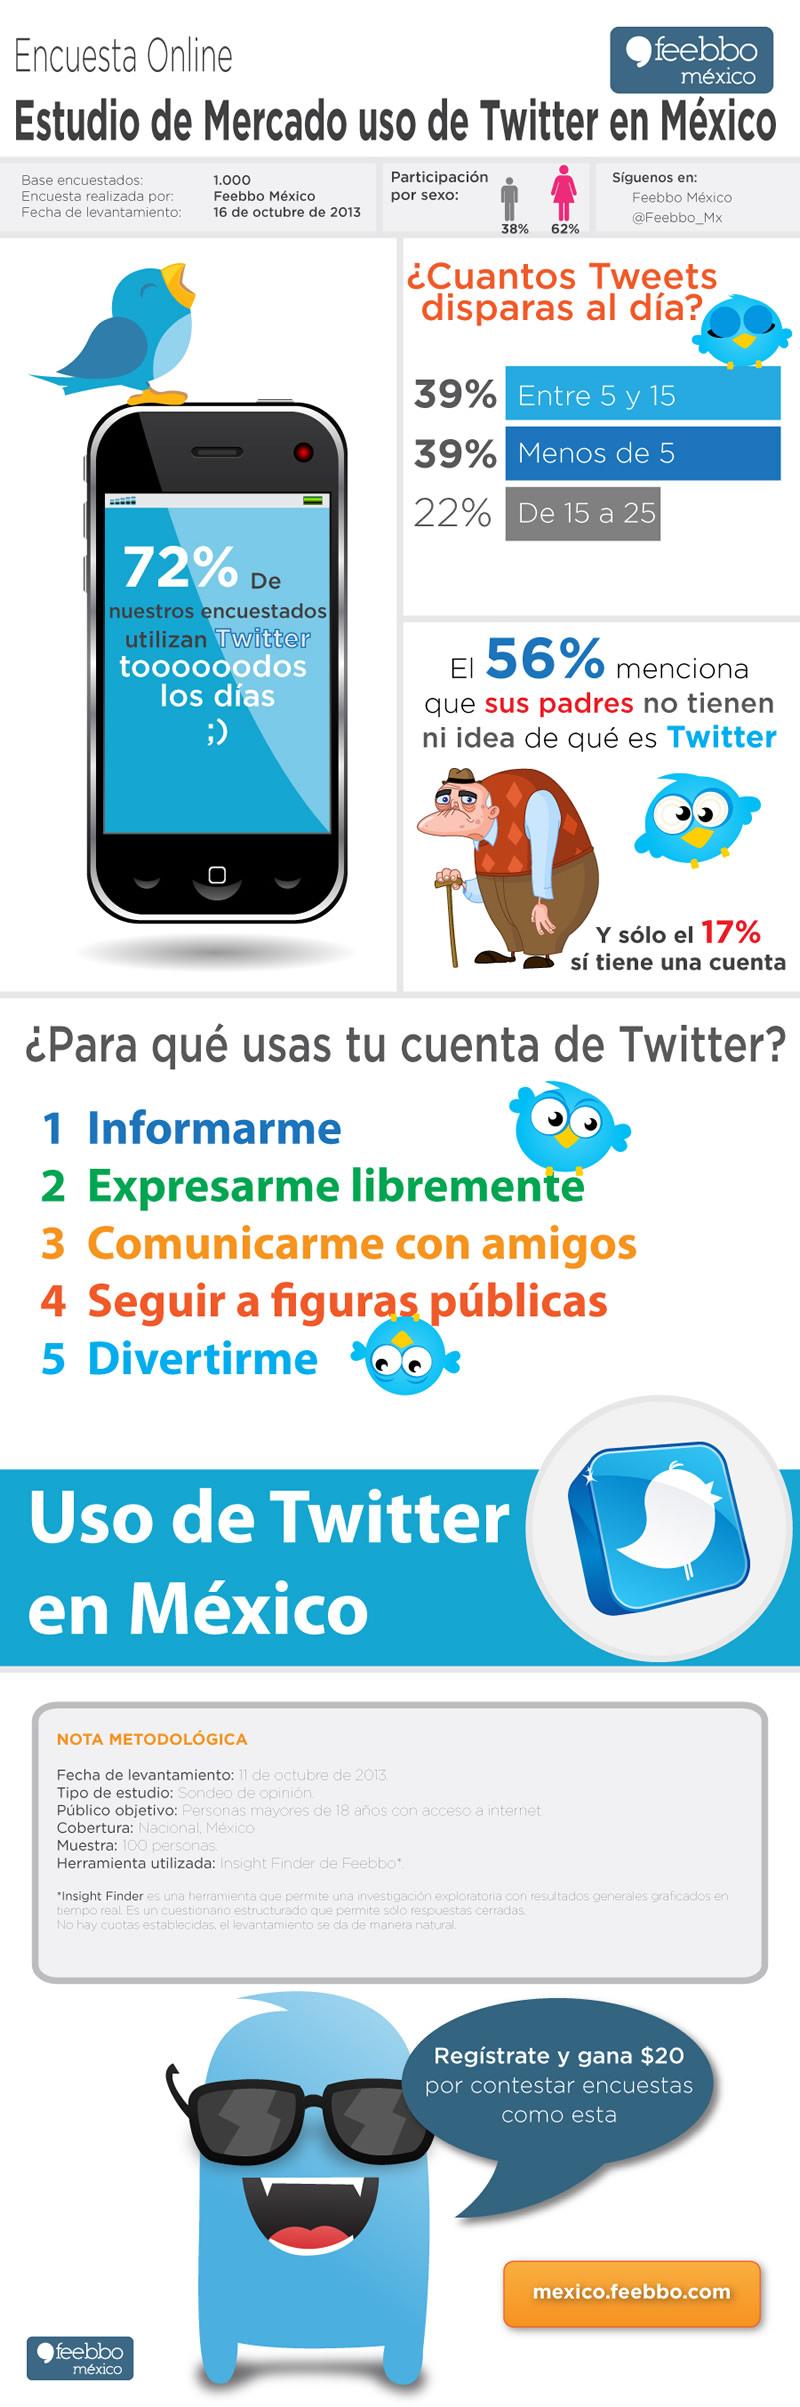 uso twitter en mexico Uso de Twitter en México [Infografía]